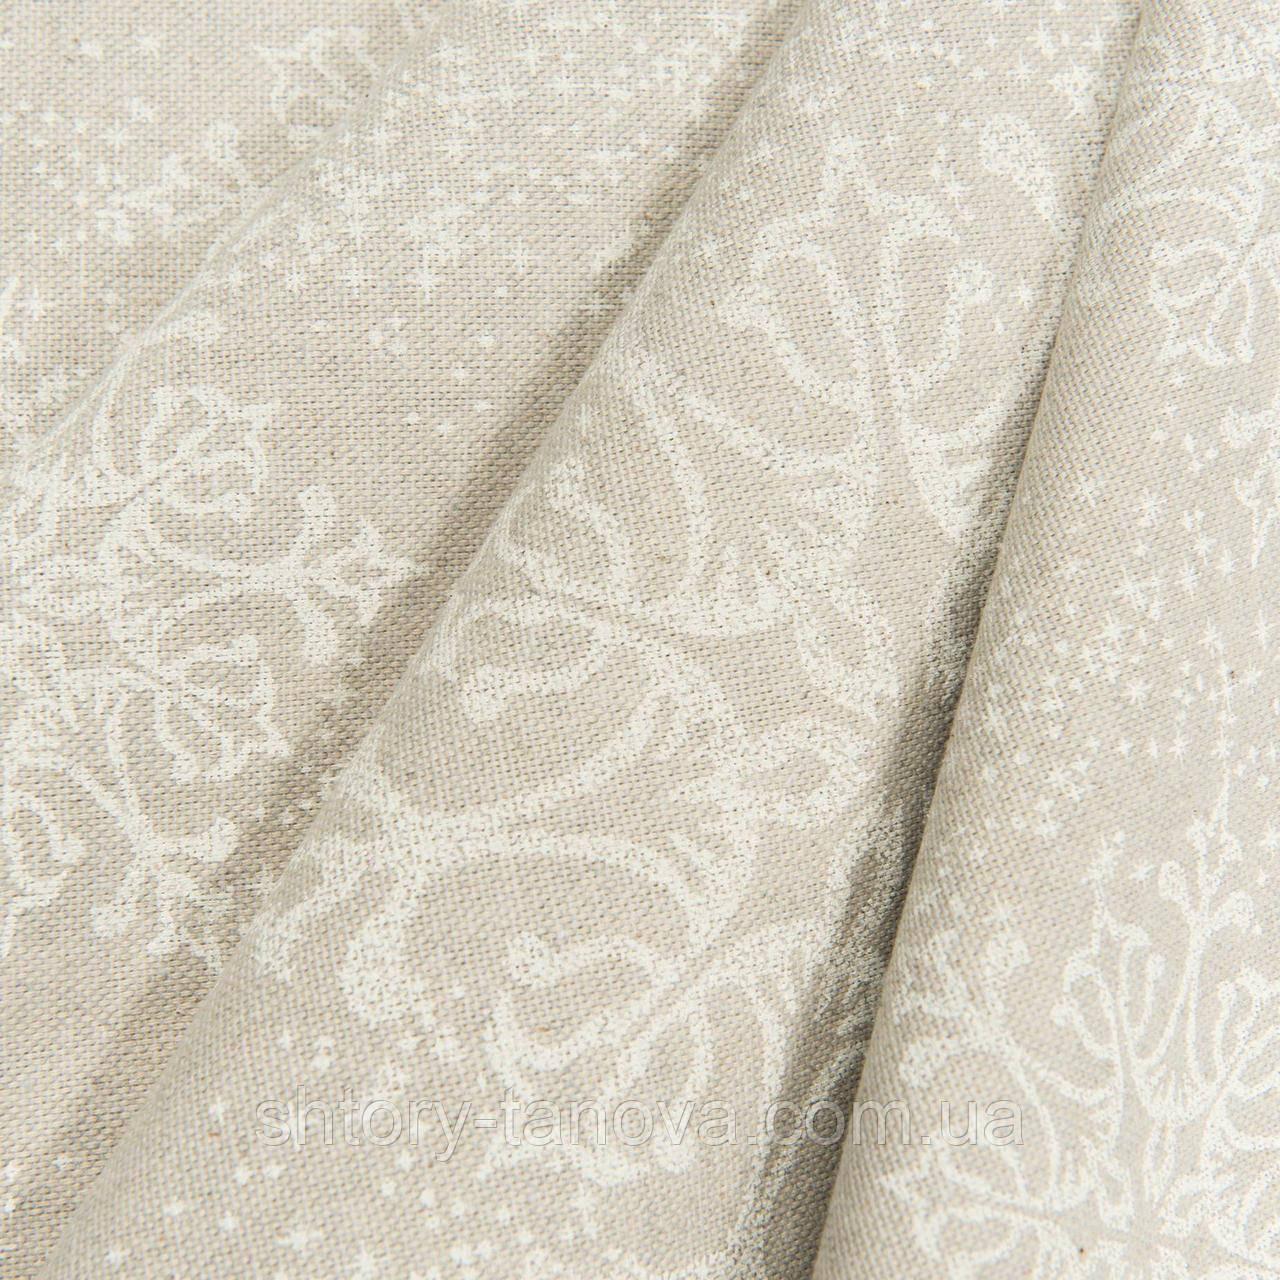 Декоративная ткань, хлопок 75%, полиэстер 25%, с новогодним принтом, снежинки